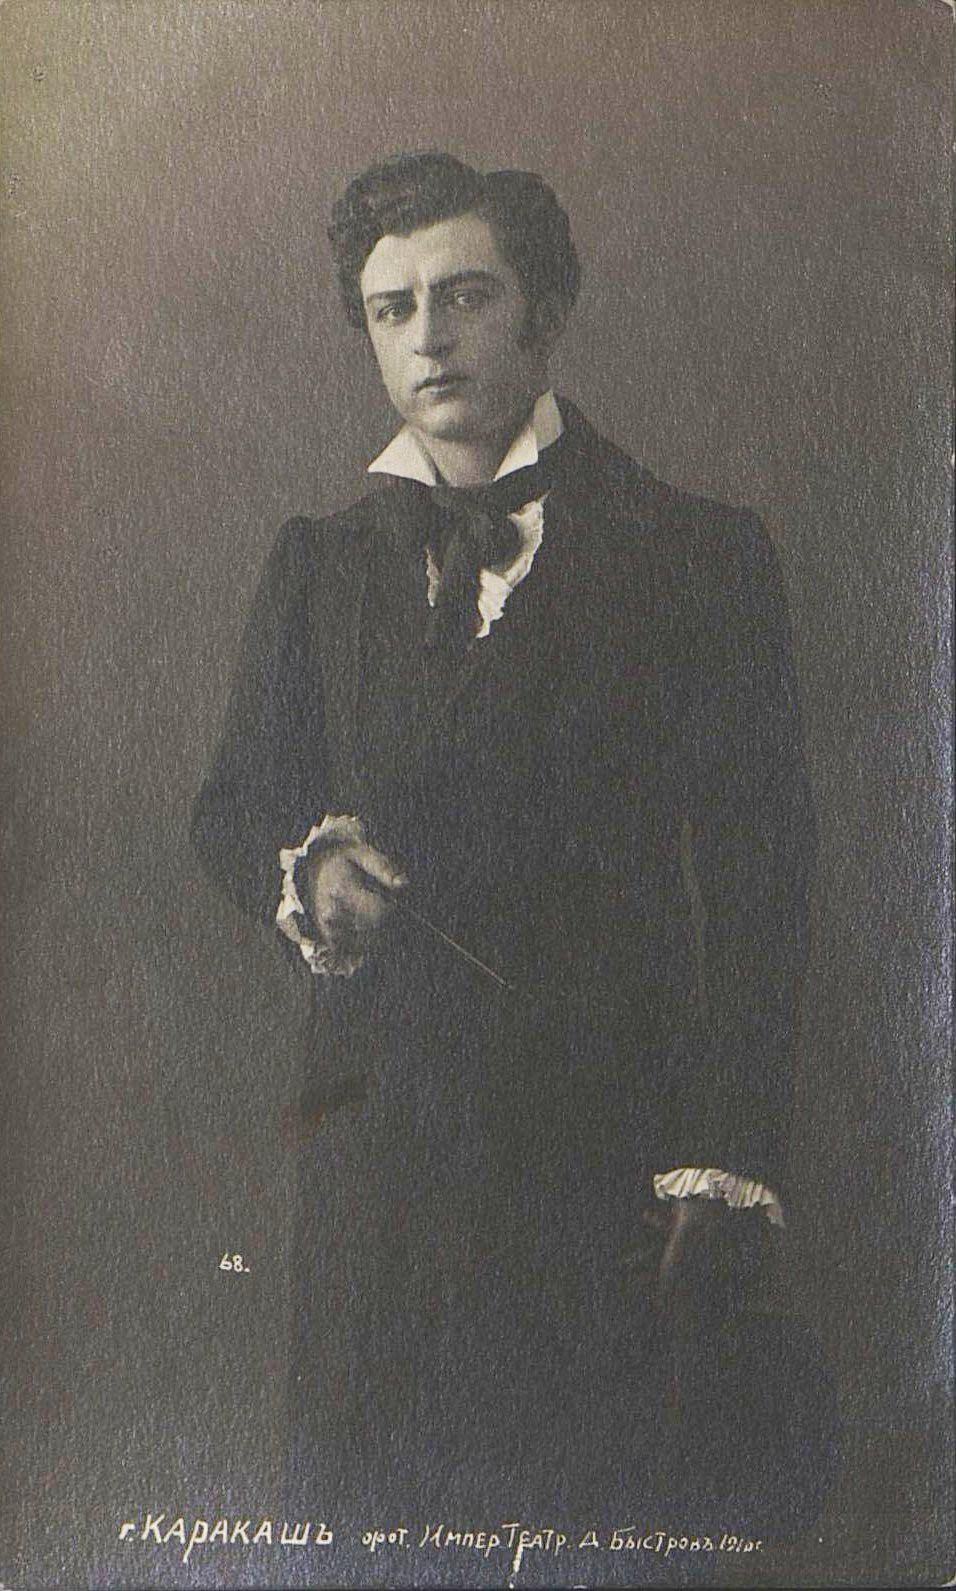 Каракаш А.Н., певец Мариинского оперного театра, в роли Евгения Онегина во время гастролей в Одессе. 1916